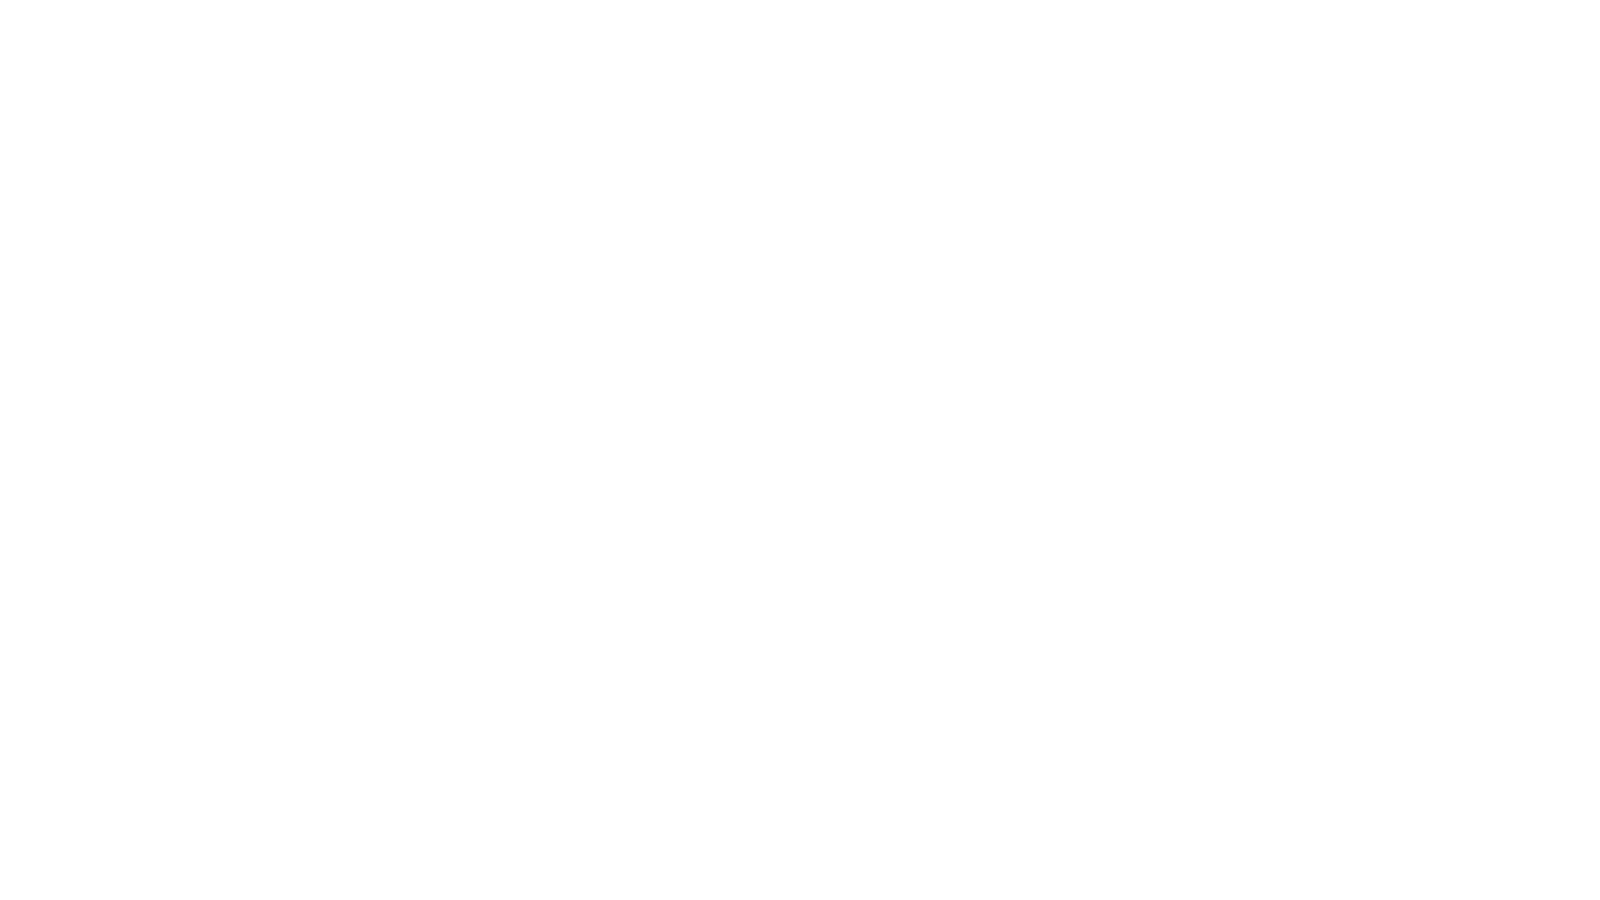 La Creacion Adan y Eva El Jardin Del Eden Completo. Historias bíblicas para niños en el canal NAN TOONS.   #bibliaparaniños #NANTOONS #antiguotestamento